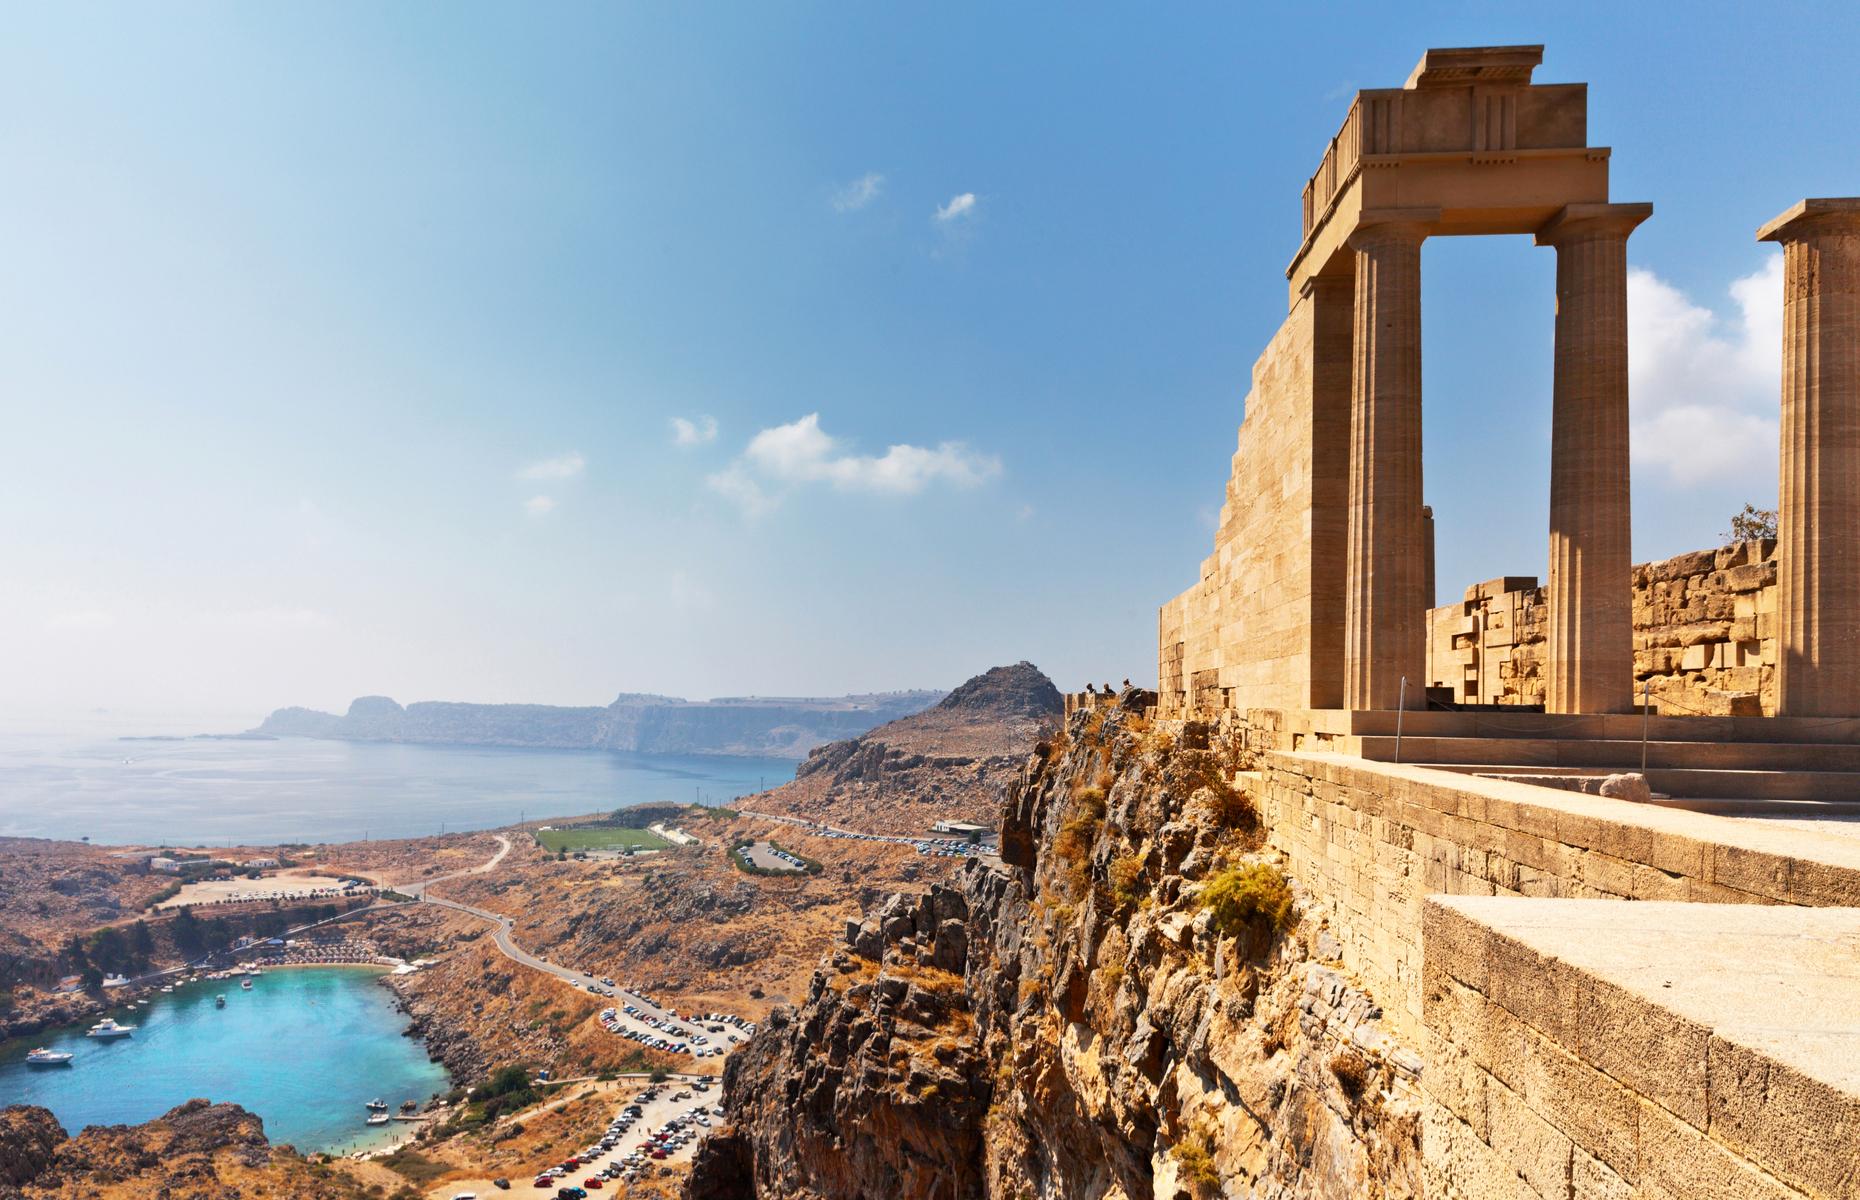 Acropolis in Lindos, Rhodes